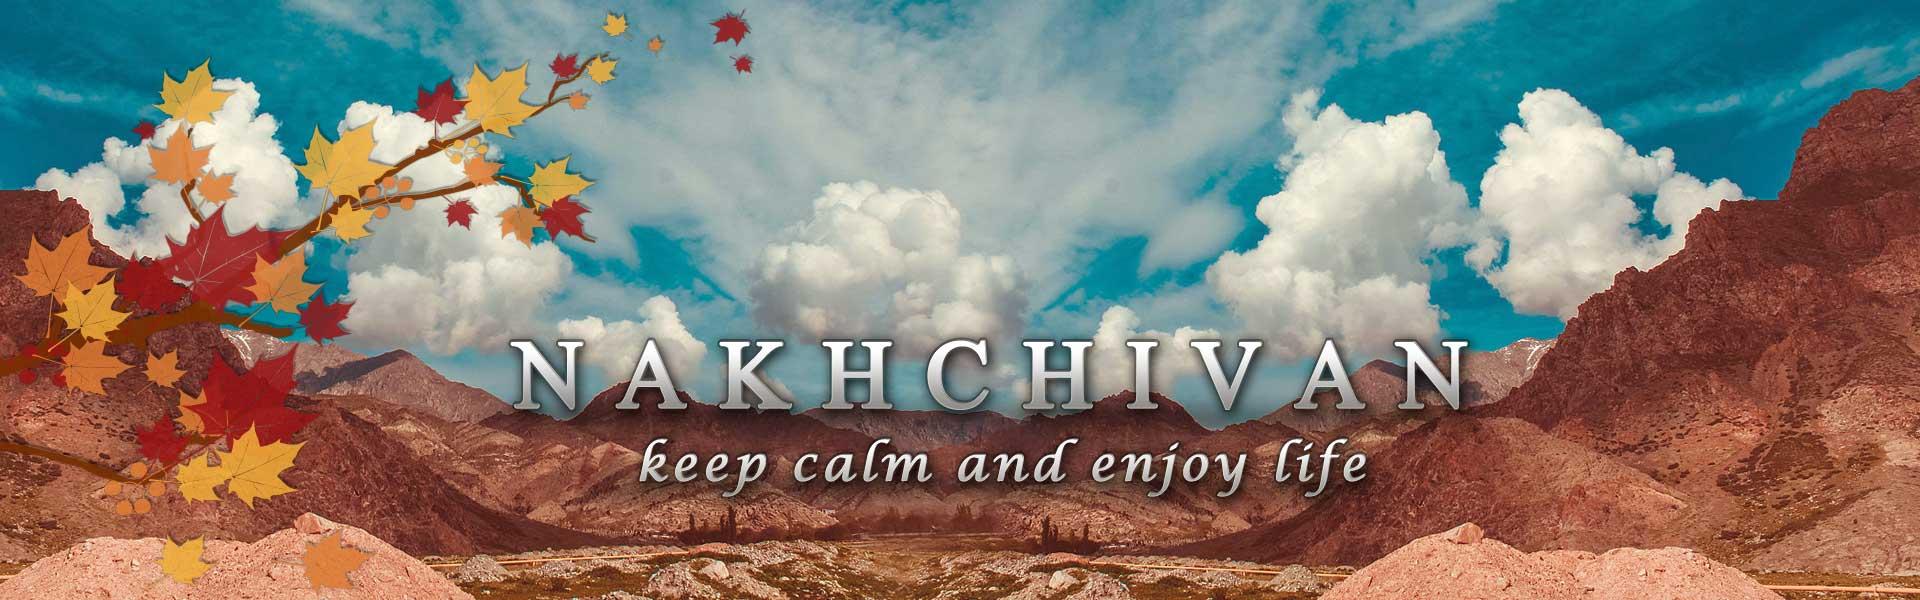 nakhchivan1920x600-